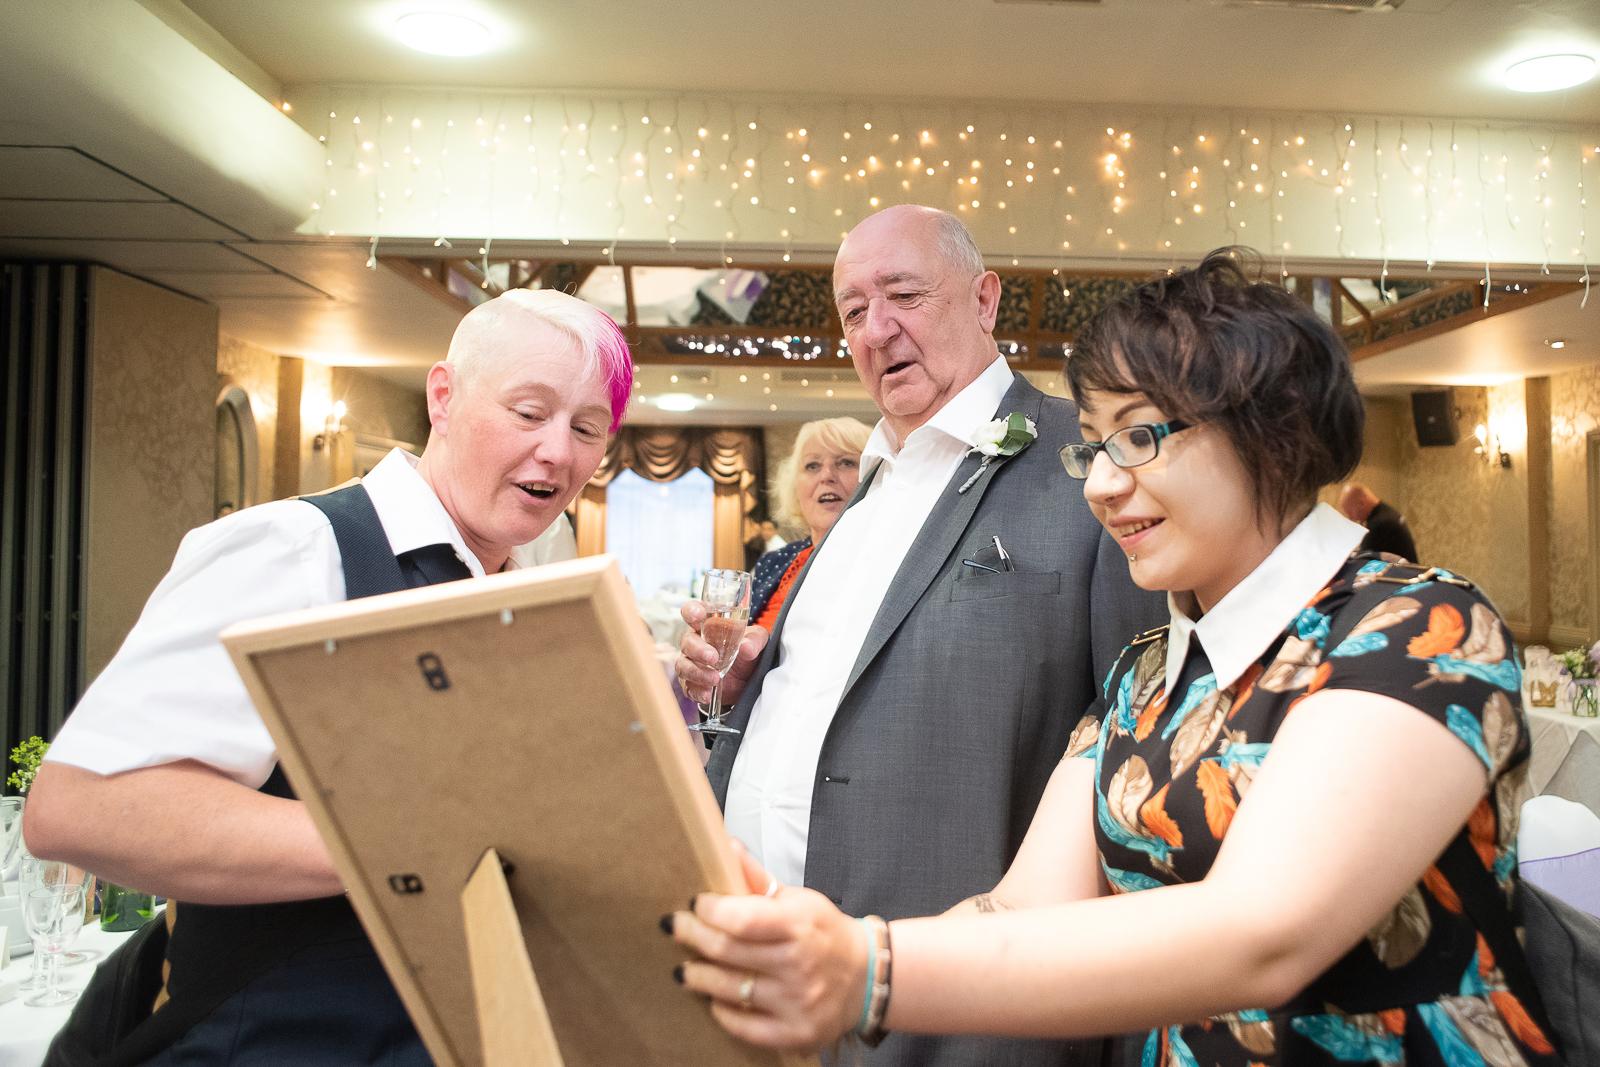 Belmont Hotel Wedding in Leicester 053.jpg